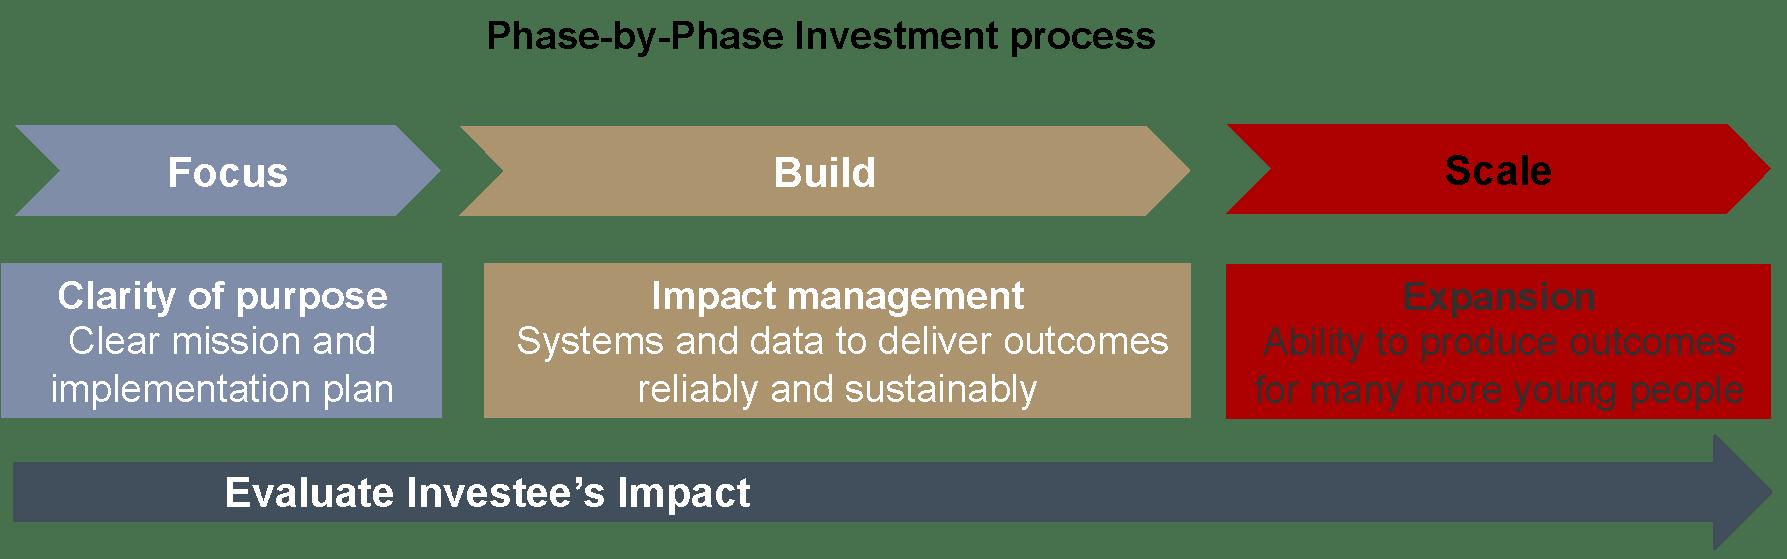 Figure 2: Impetus-PEF's Investment process